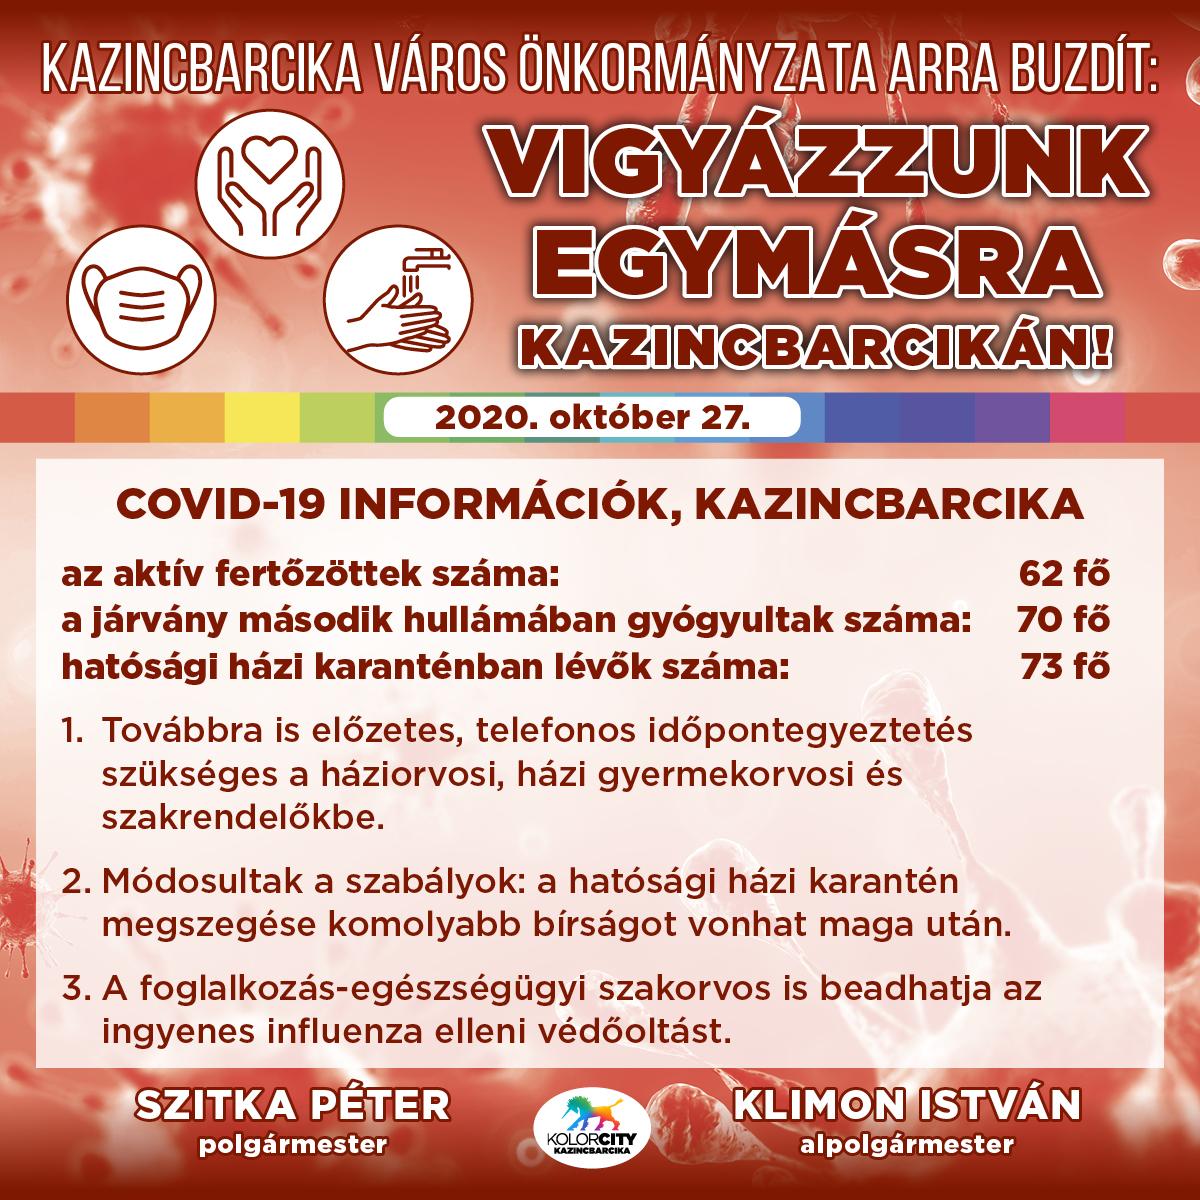 https://kolorline.hu/Vigyázzunk egymásra Kazincbarcikán! – 2020. október 27.